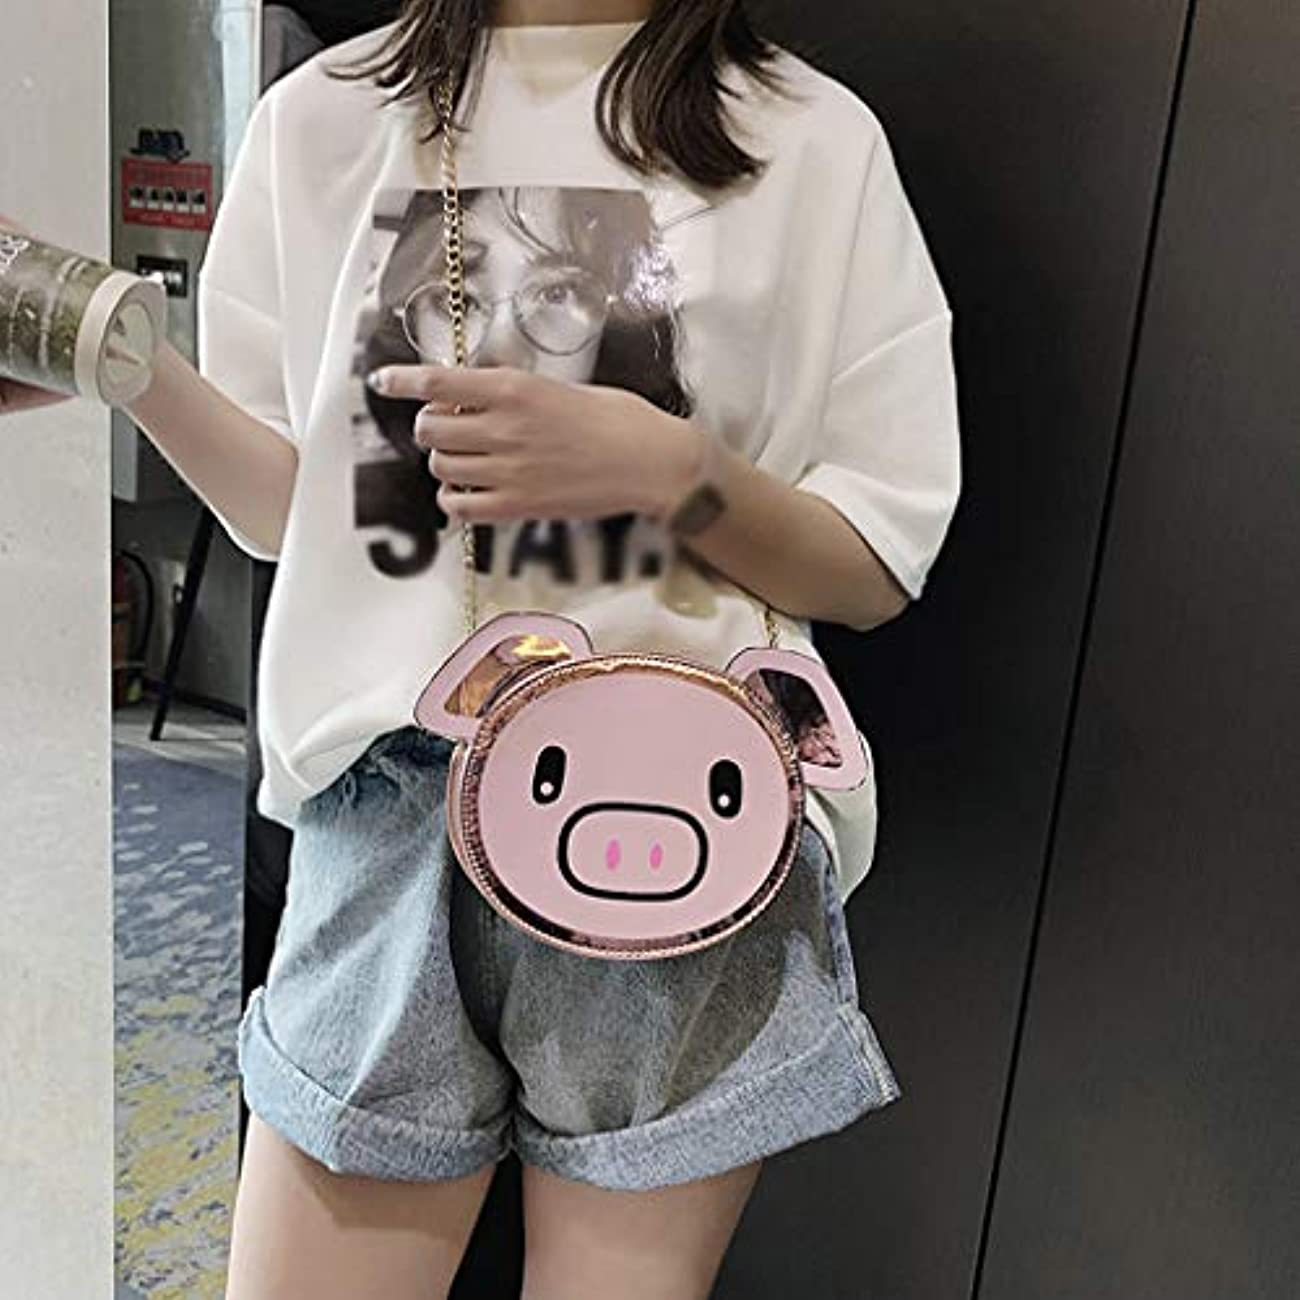 徐々に責任憂鬱ファッション女の子革チェーン野生のかわいい漫画豚肩メッセンジャーバッグ、女の子チェーン野生のかわいい豚肩メッセンジャーバッグ (ピンク)